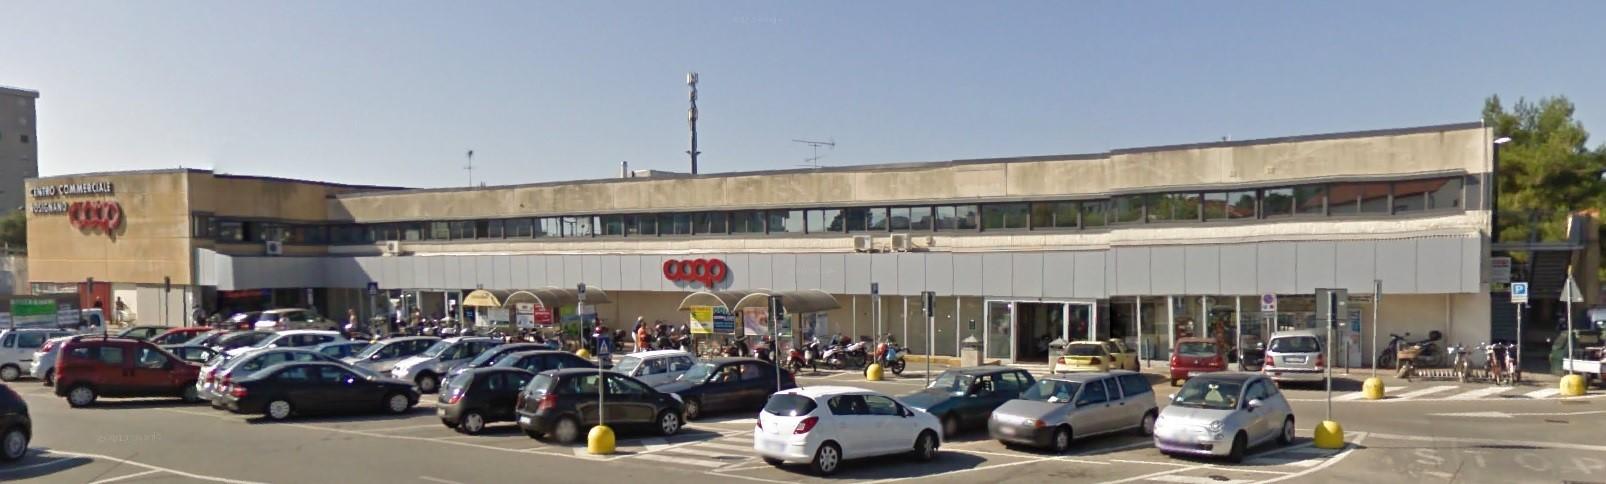 Centro commerciale Rosignano Marittimo, Livorno - esterno